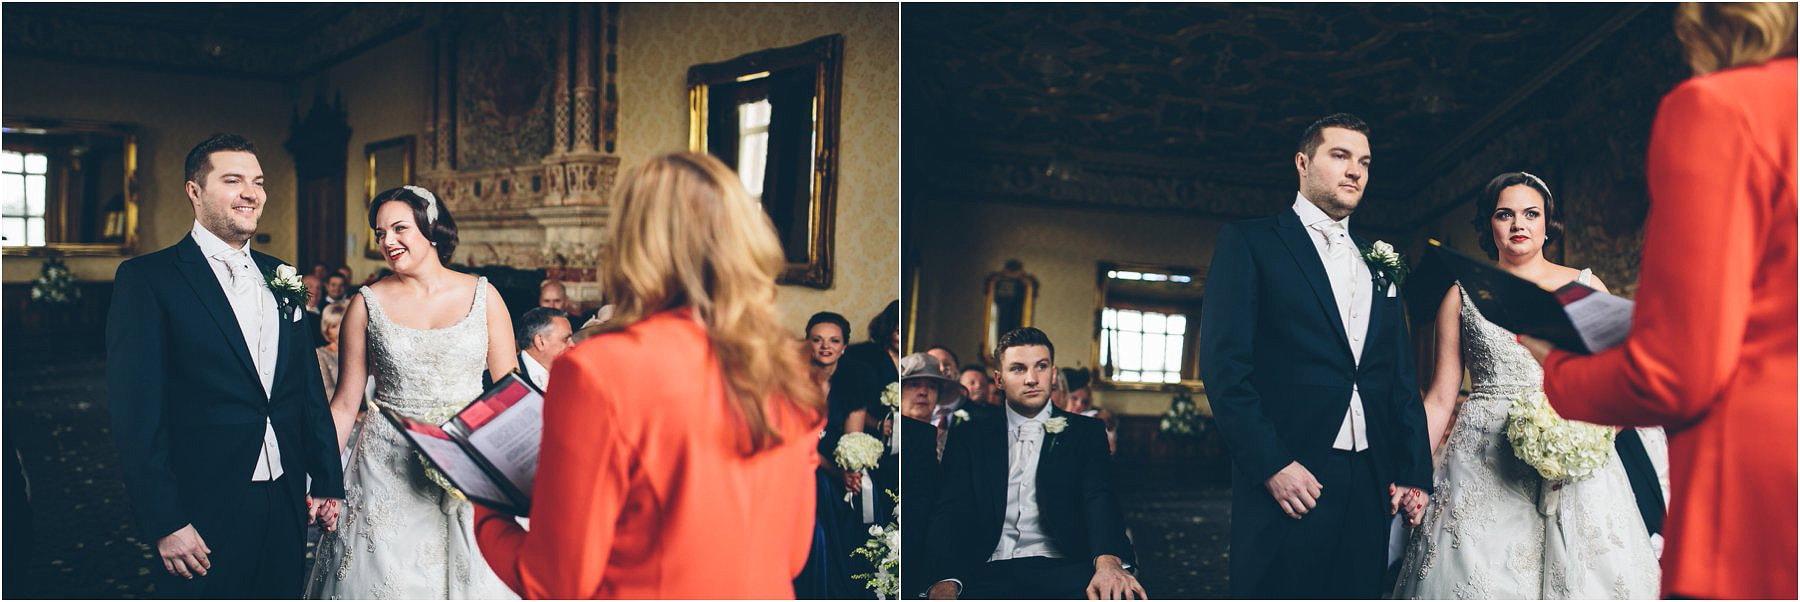 Crewe_Hall_Wedding_Photography_0040